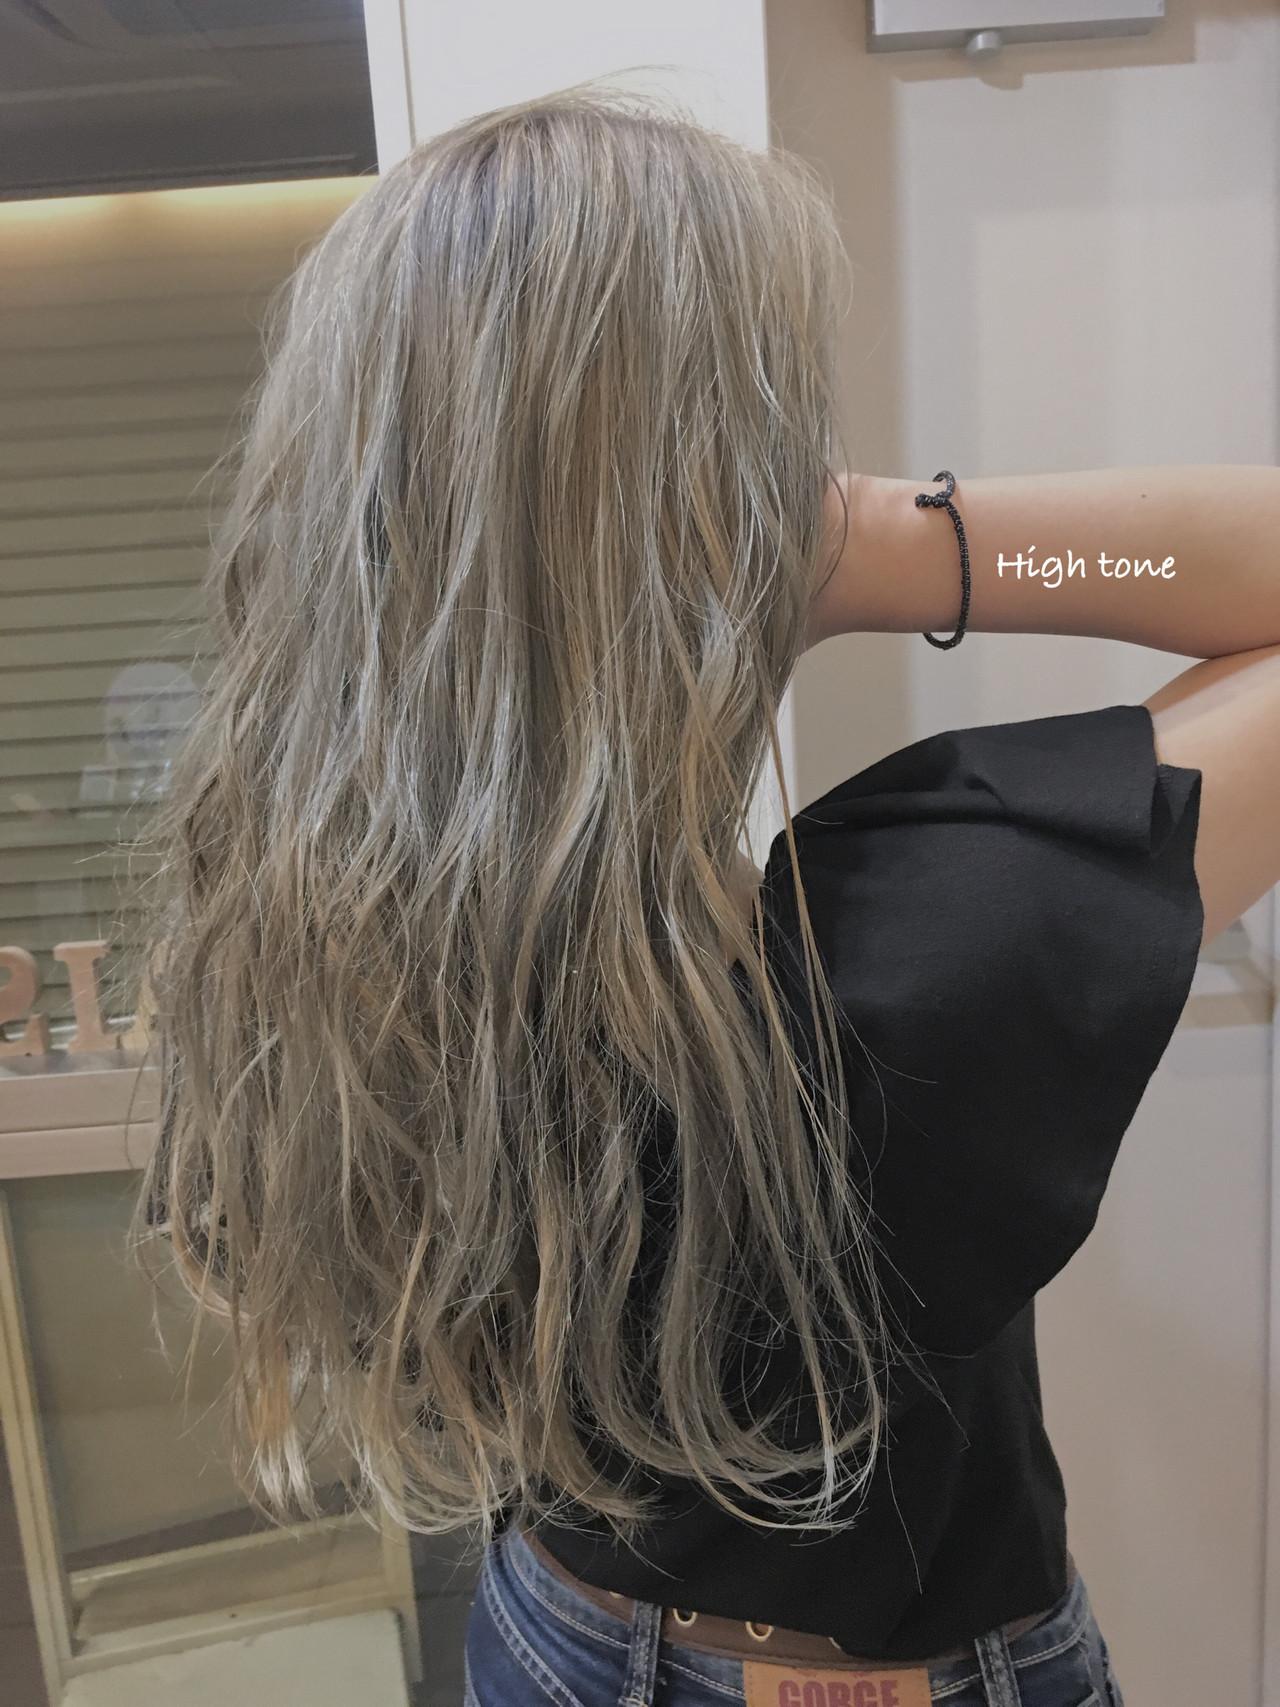 大人ハイライト セミロング コントラストハイライト 3Dハイライト ヘアスタイルや髪型の写真・画像